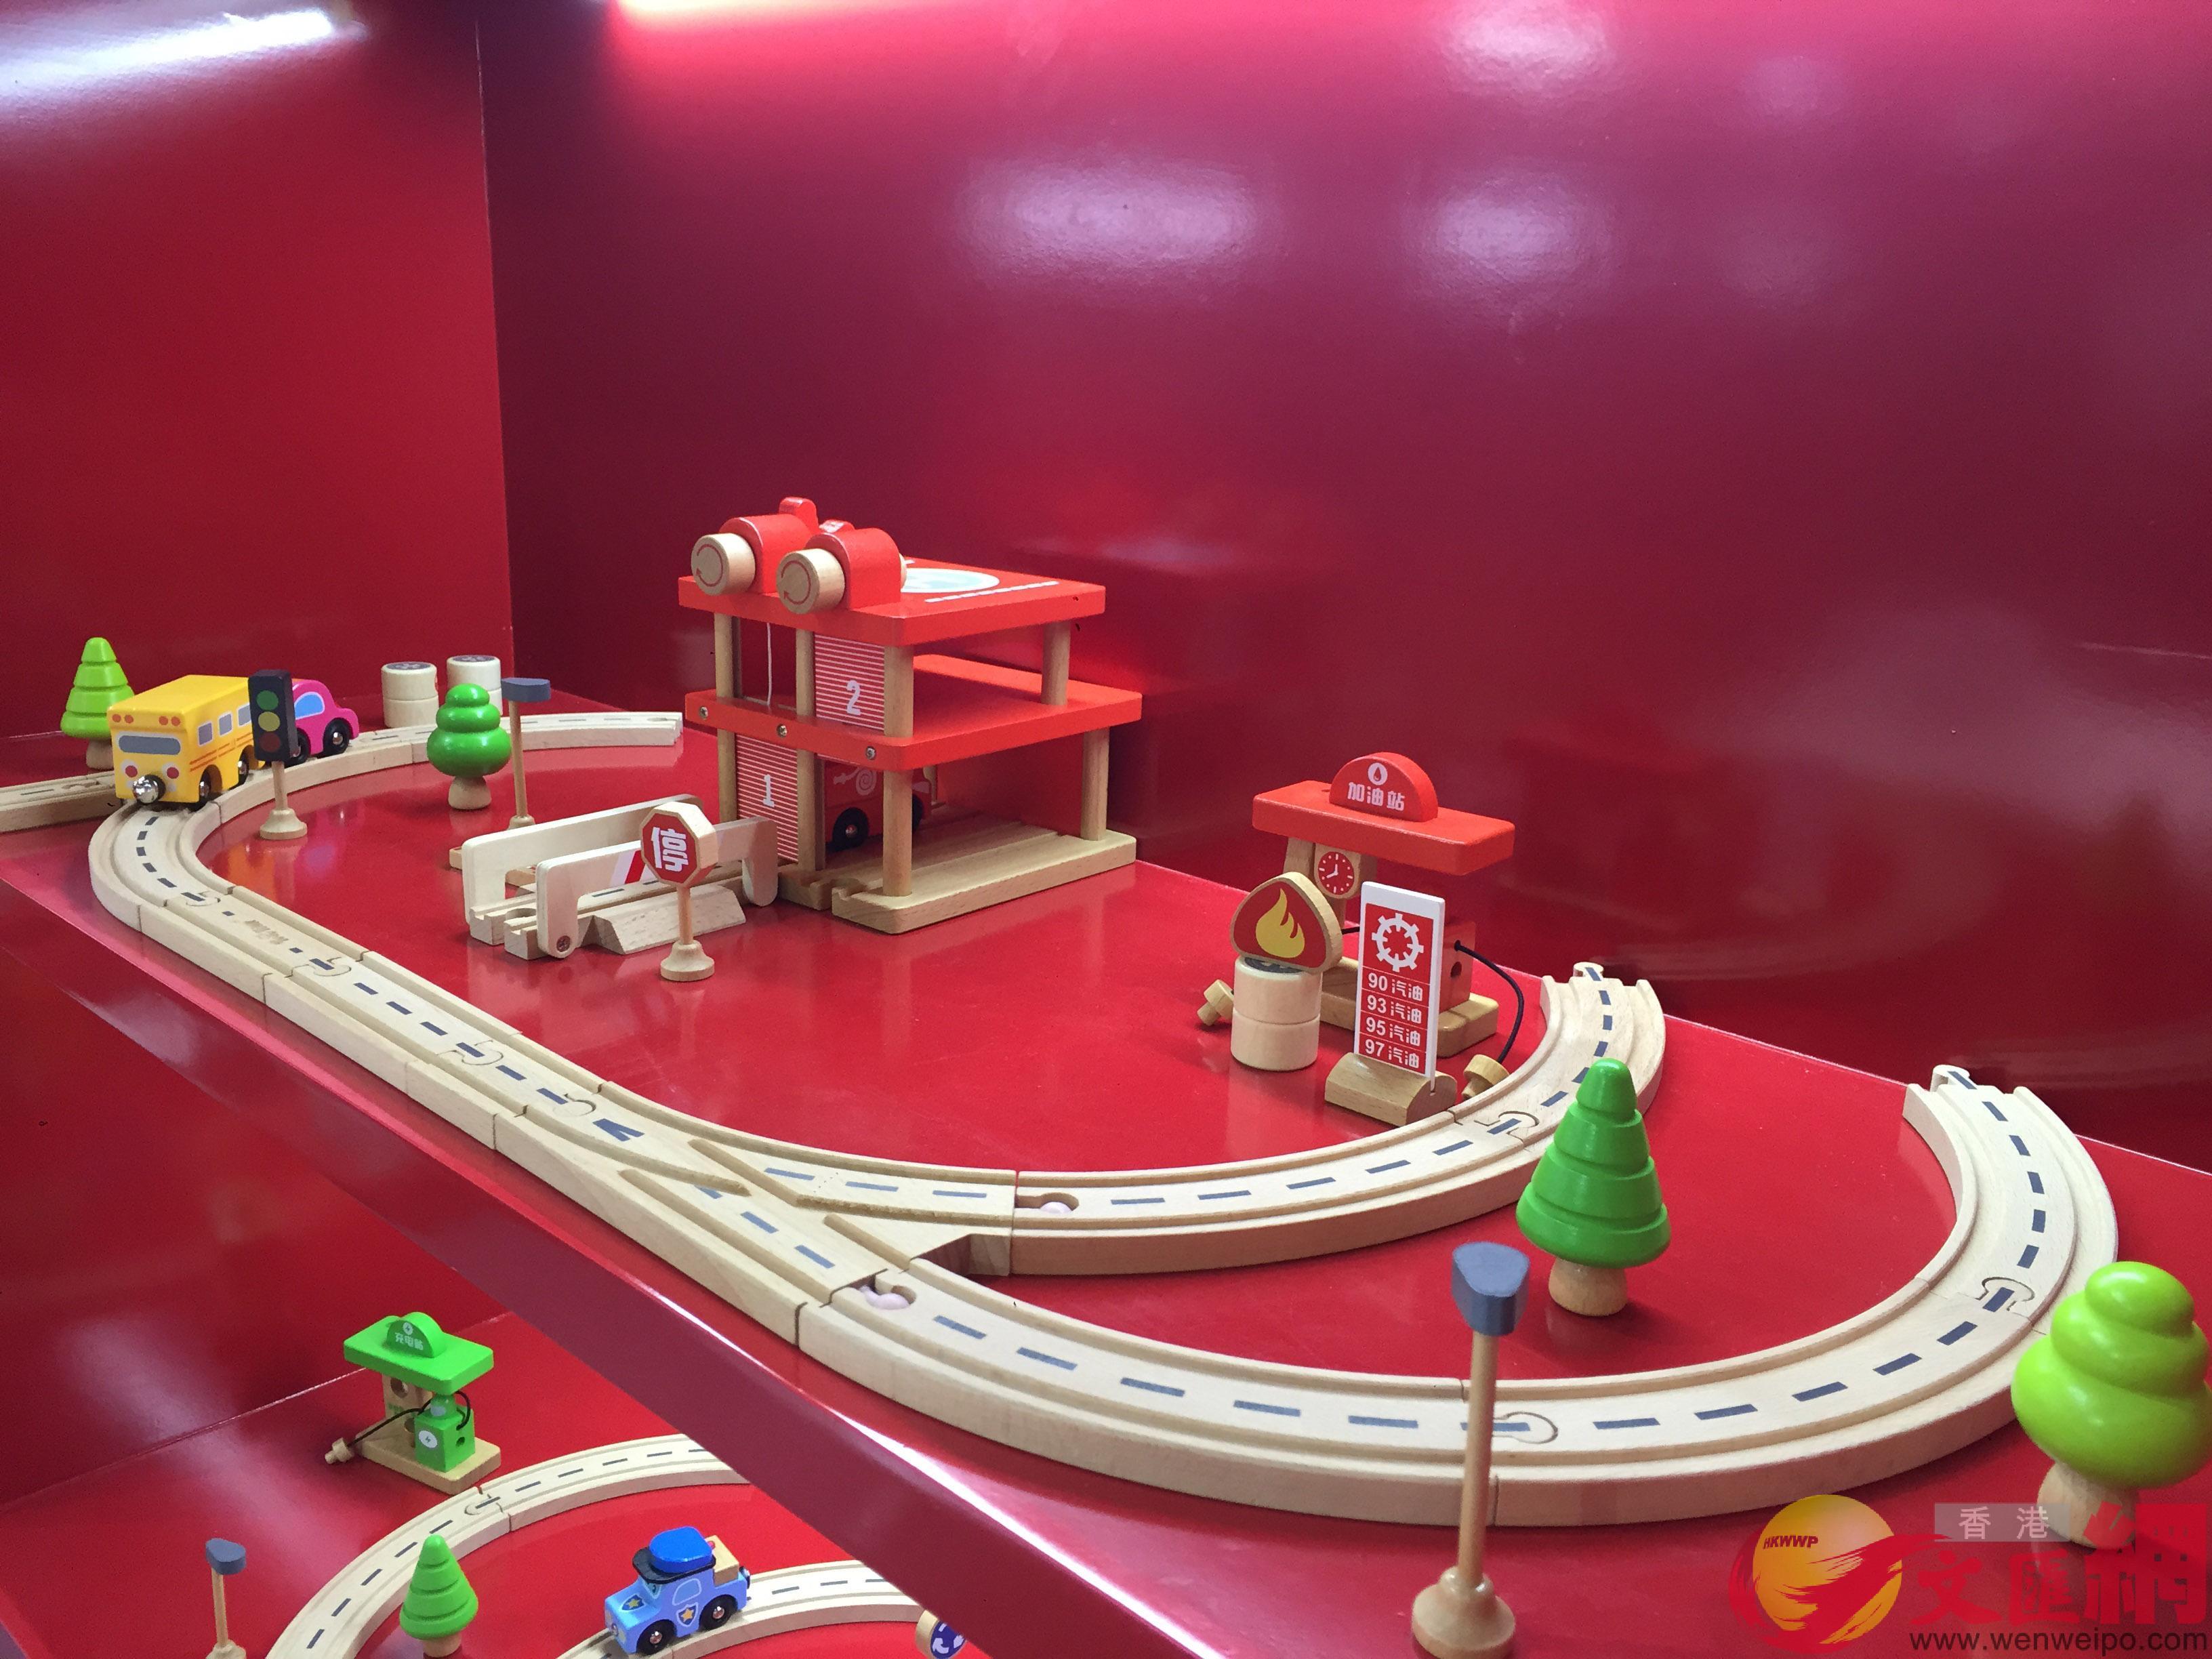 中國玩具本土品牌基本都堅守國內,多招式尋求出路。(記者 方俊明攝)